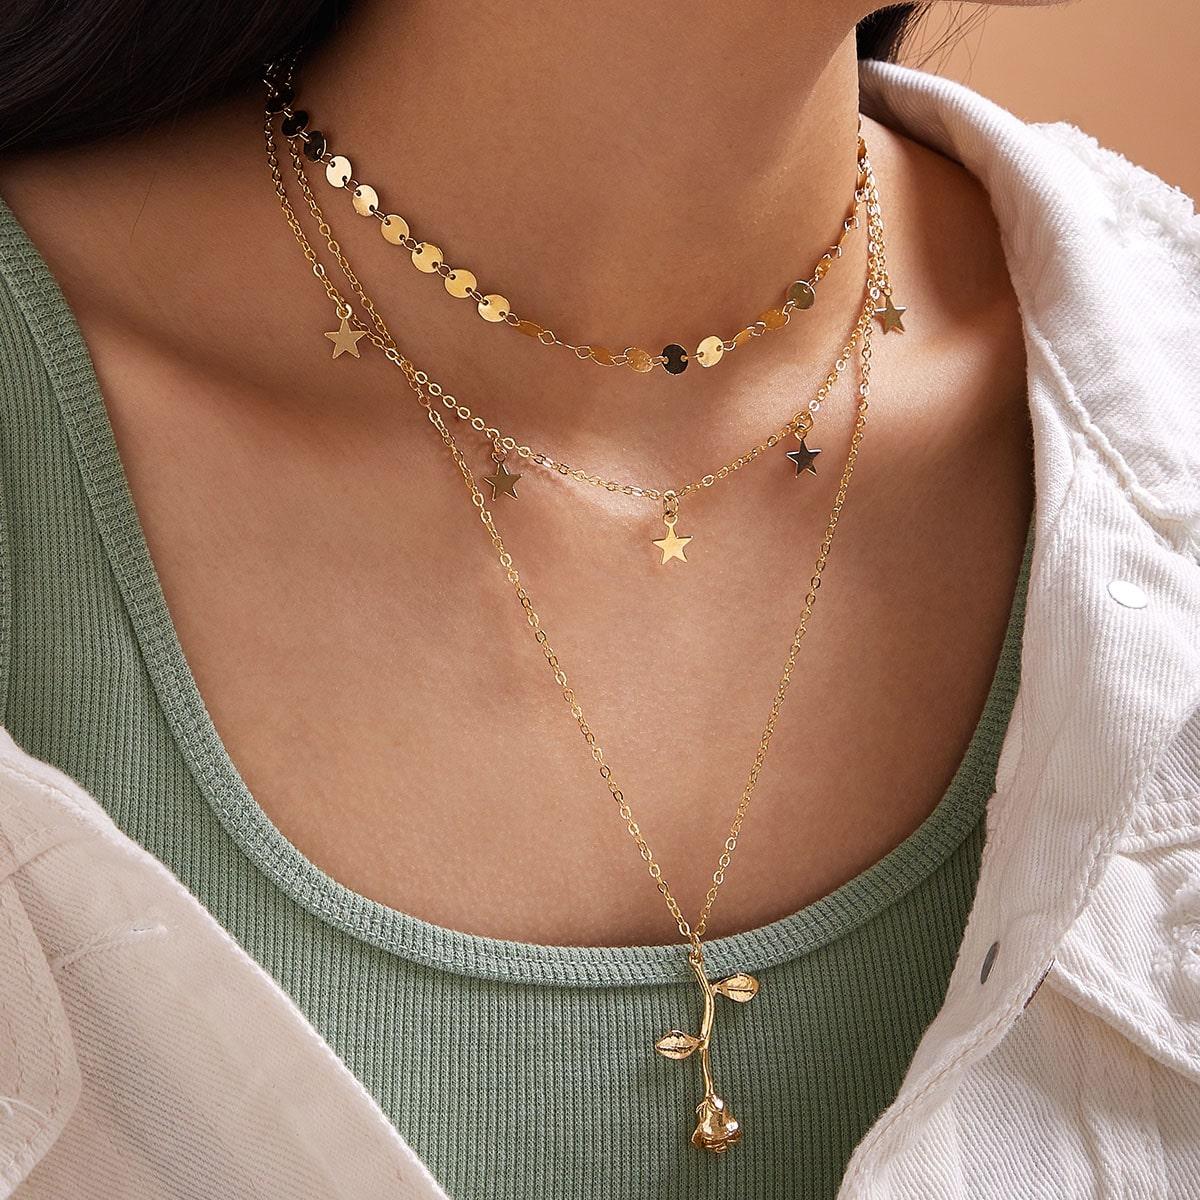 SHEIN / Halskette mit Rose & Stern Anhänger 2 Stücke